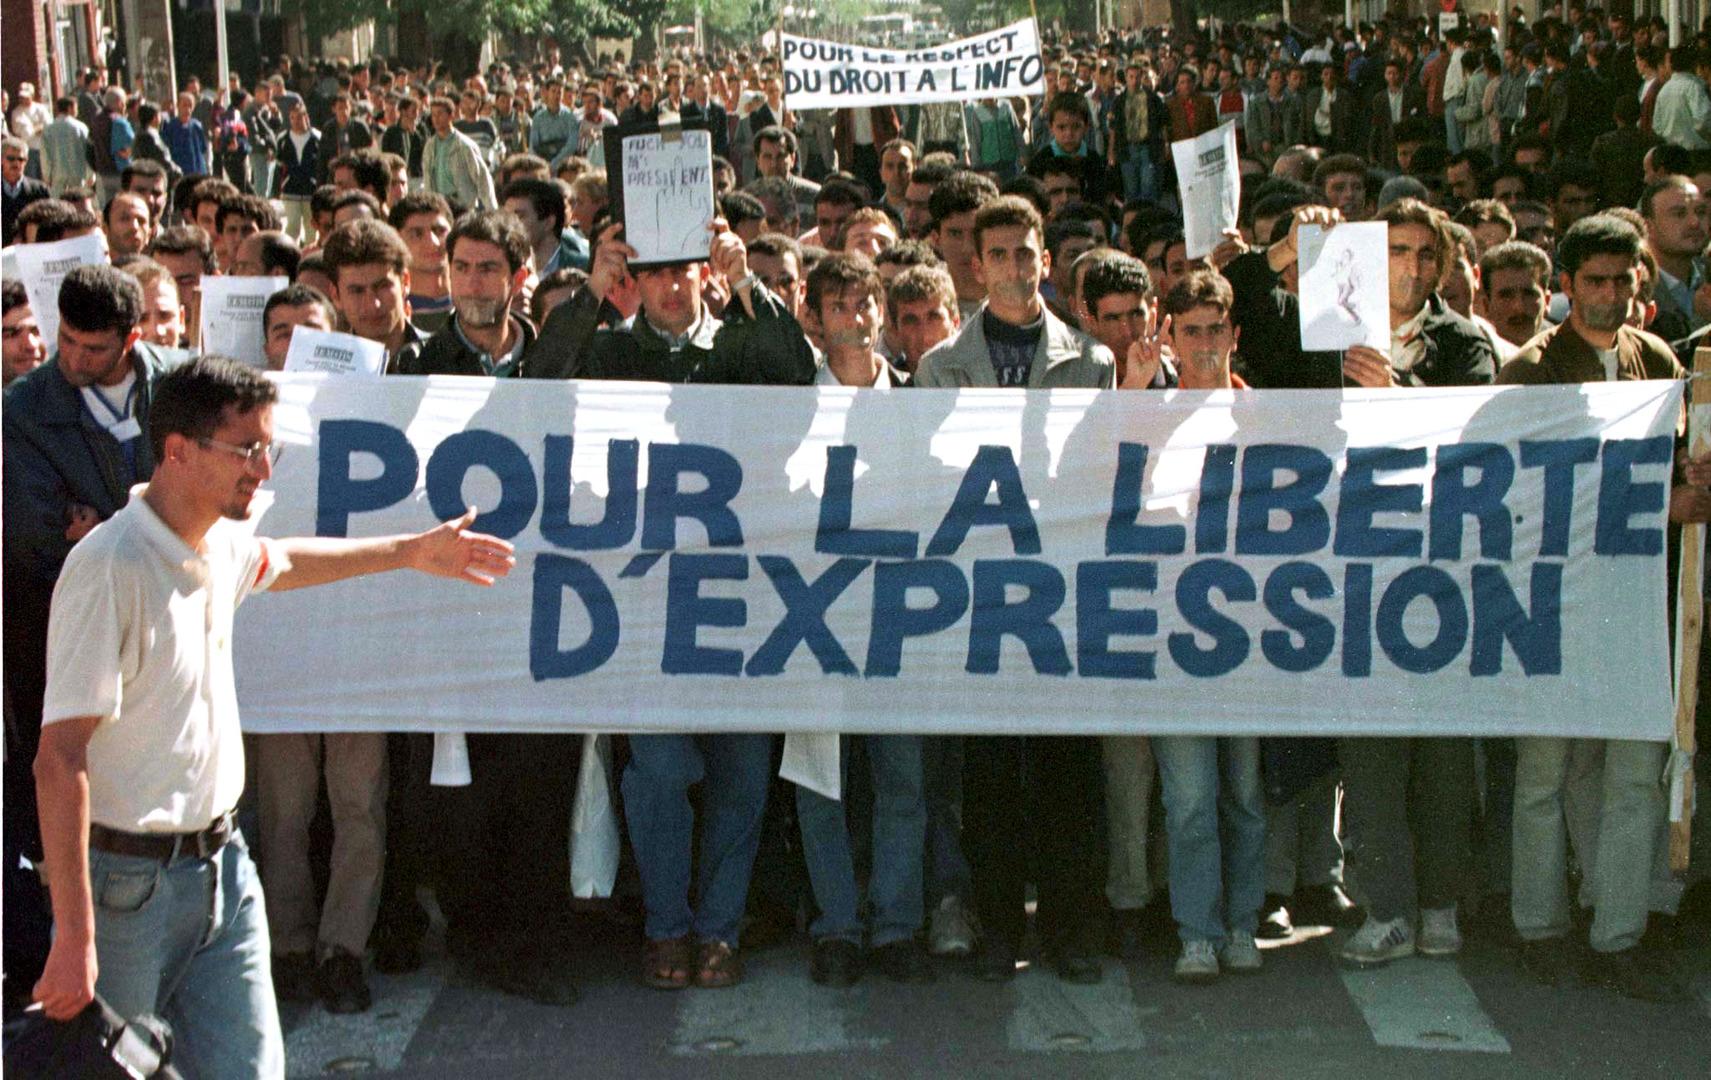 الحكومة الجزائرية: لا يوجد سجناء رأي في الجزائر